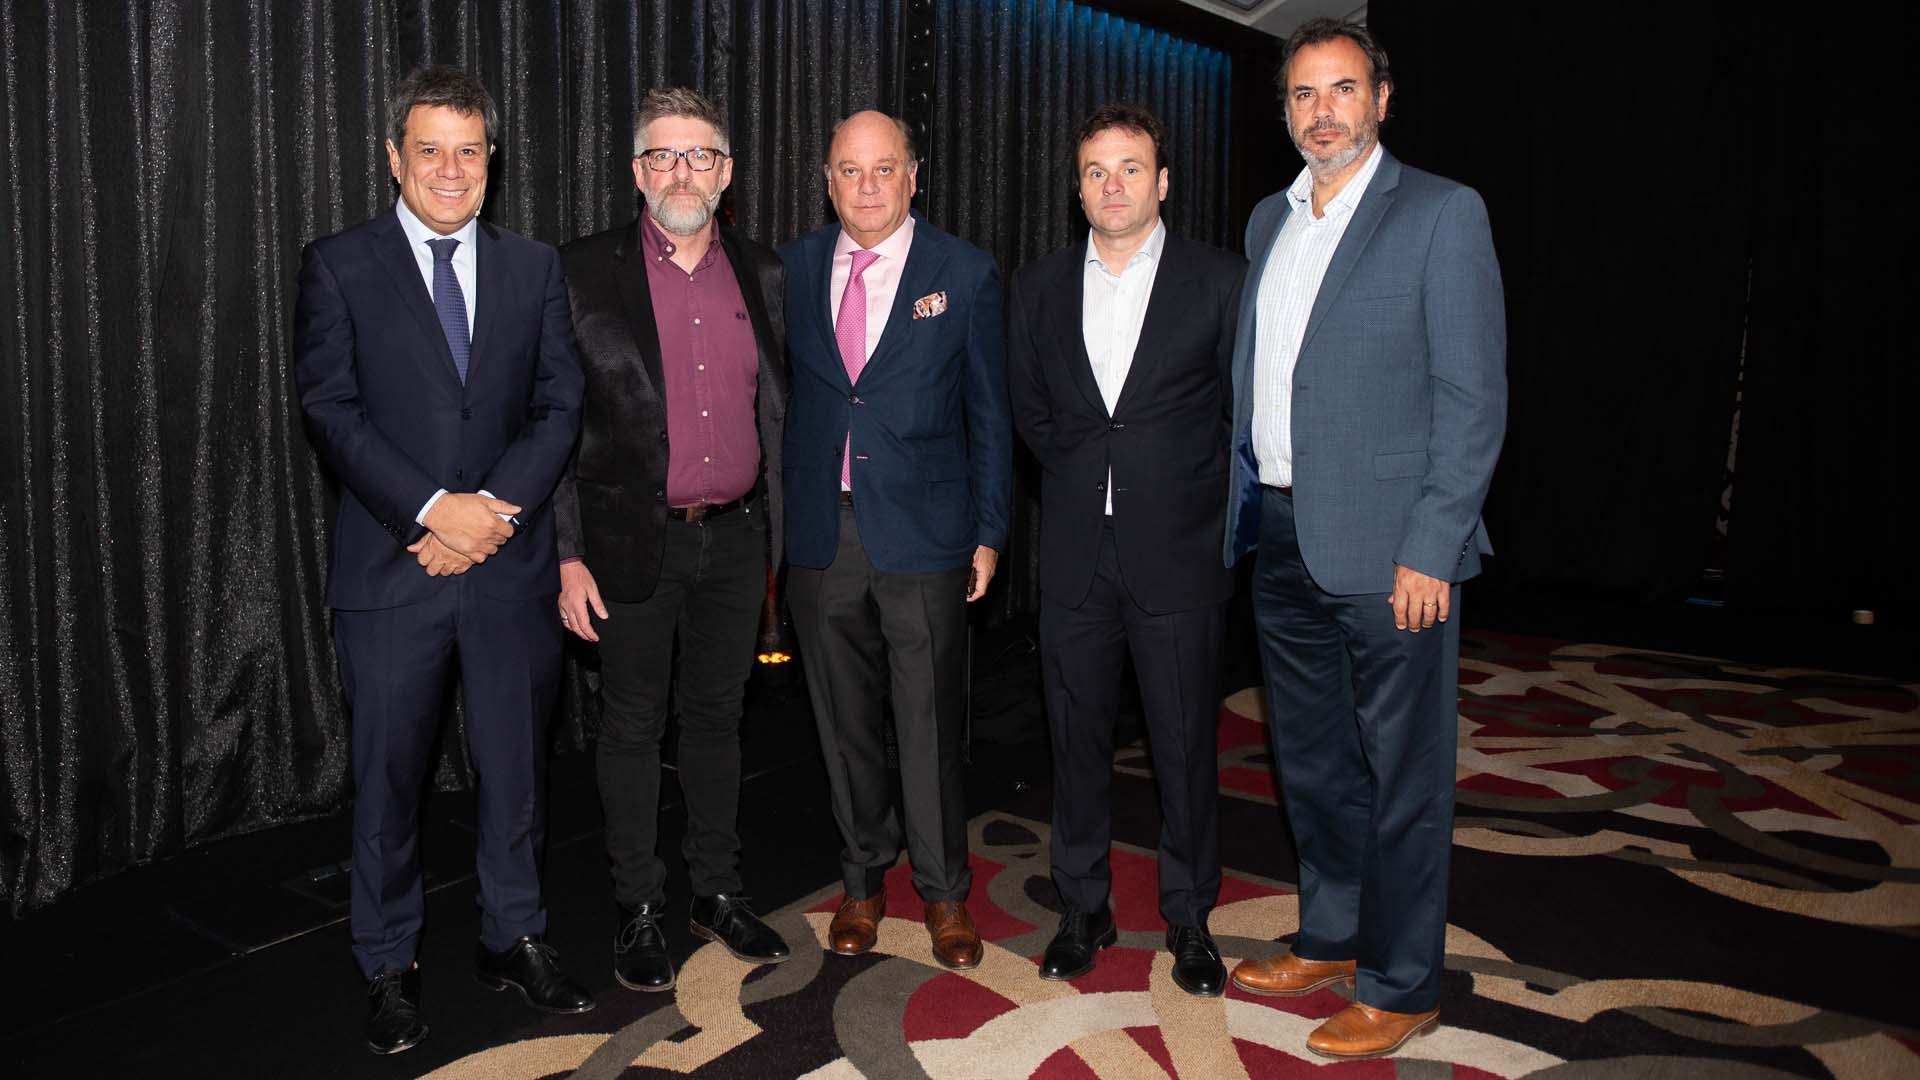 Facundo Manes, Luis Novaresio, Martín Cabrales, Juan Pablo Maglier y Rodolfo Smith Estrada